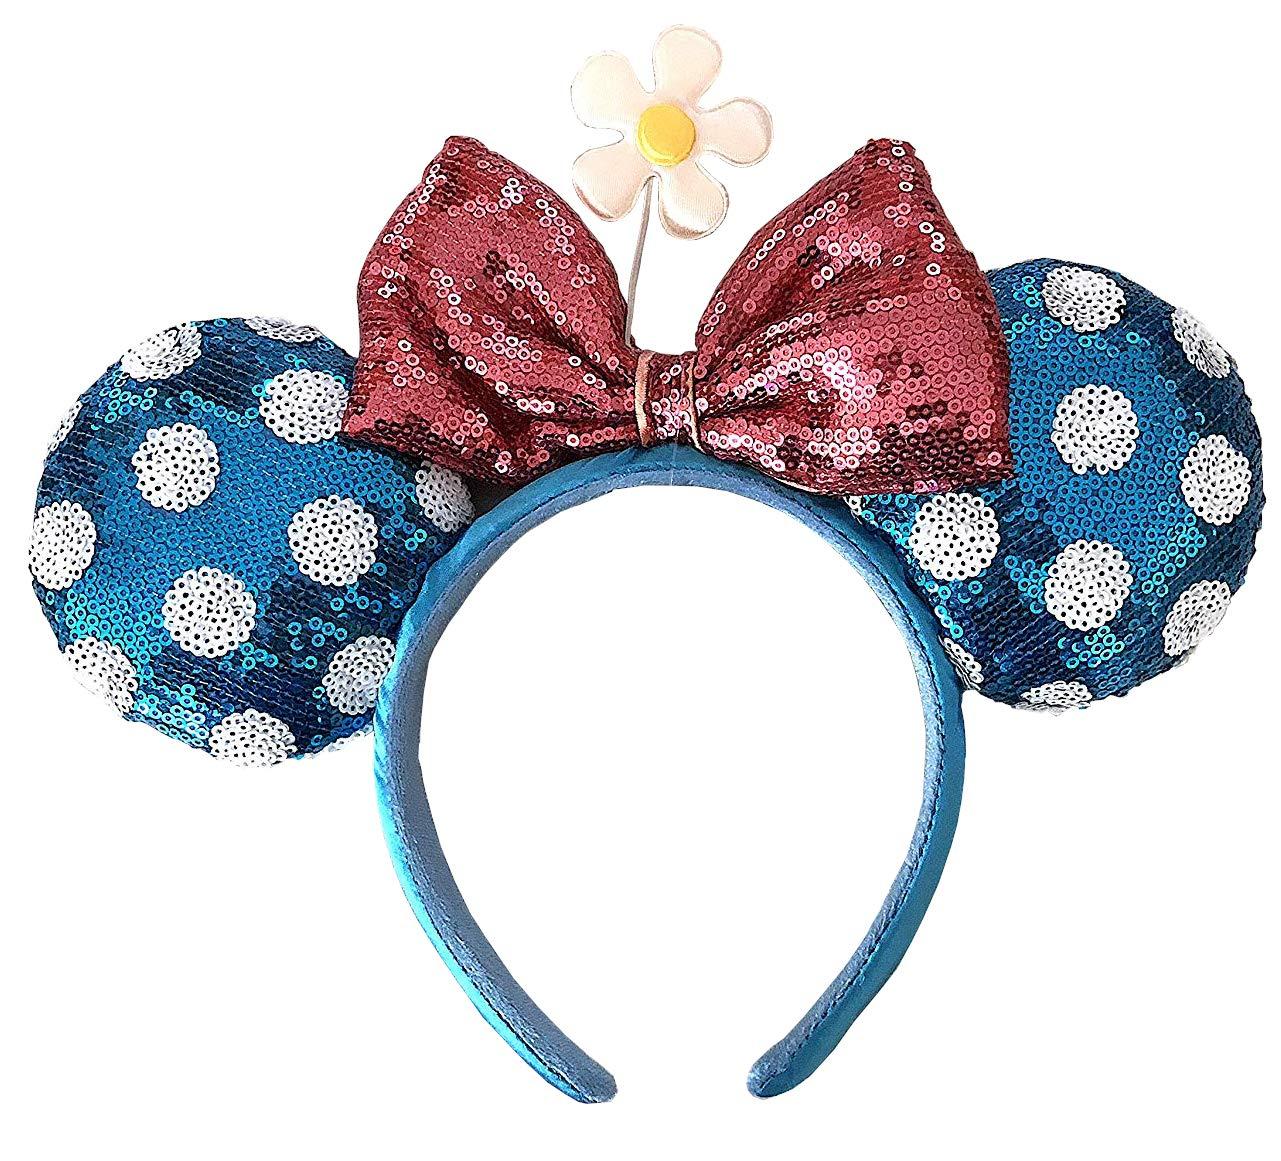 Disney Parks Minnie Mouse Bow Flower Polka Dot Sequin Ears Headband